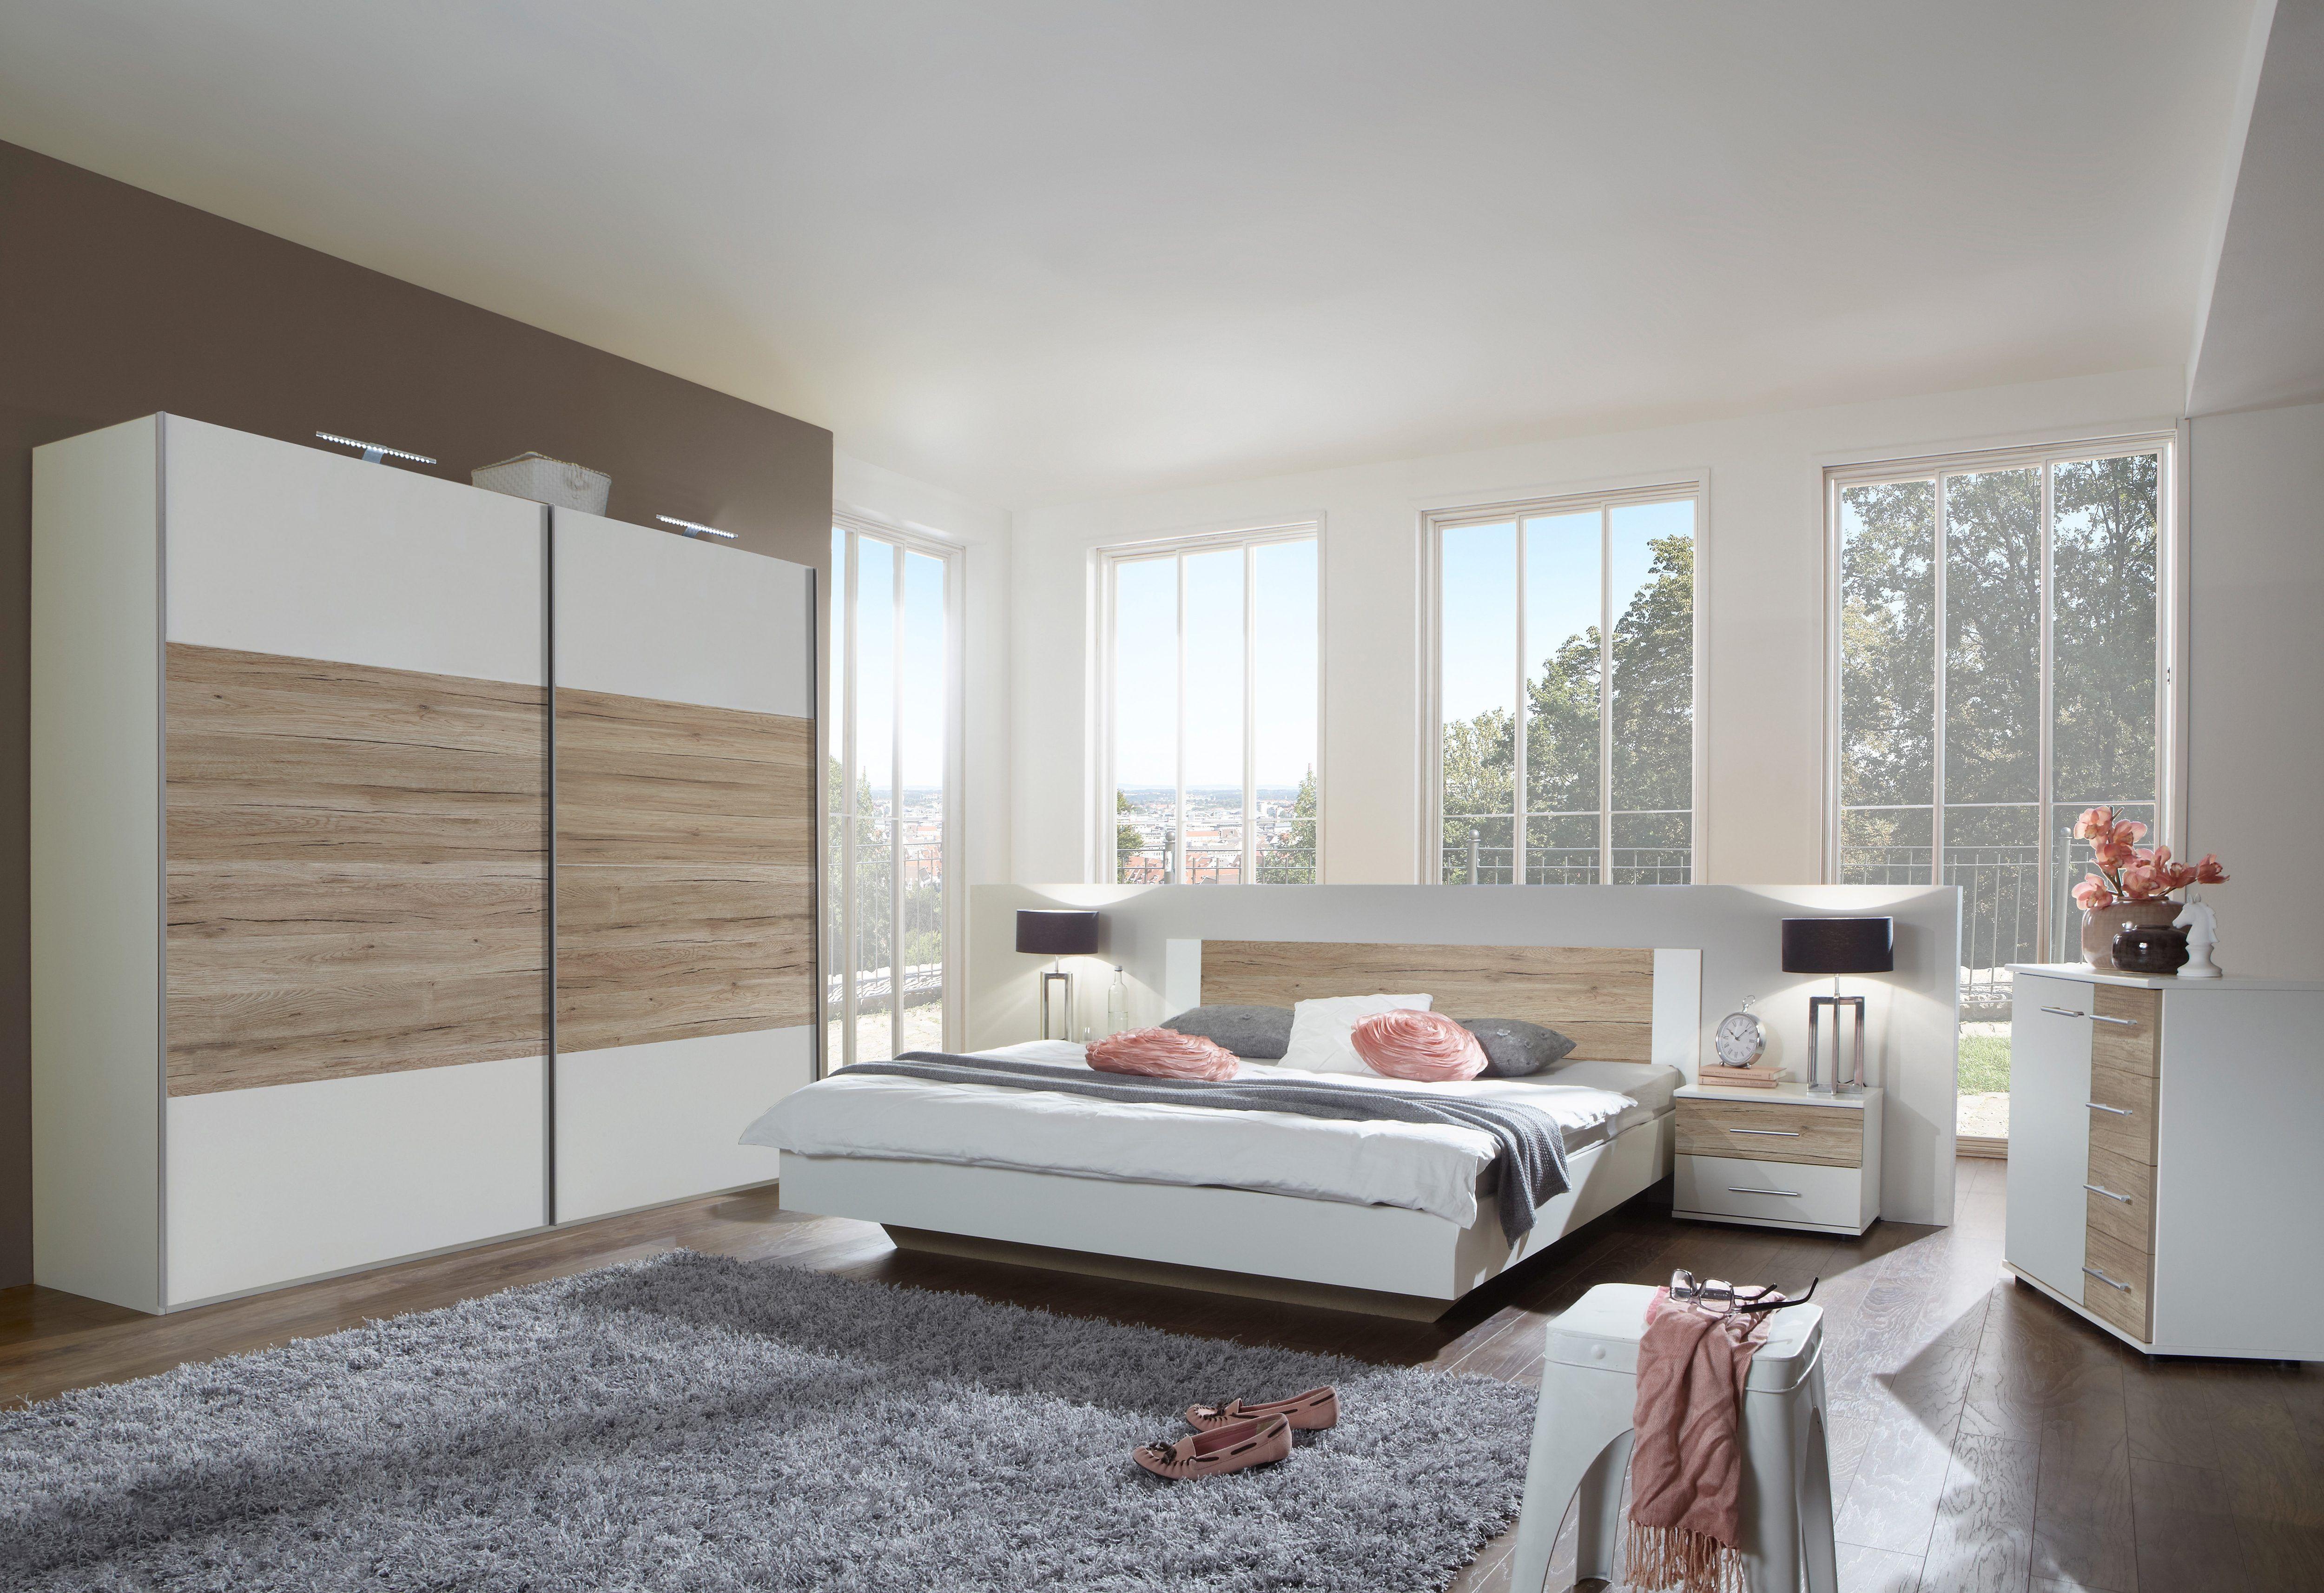 SchlafzimmerSet (4tlg.) beige, 160/200 cm, mit